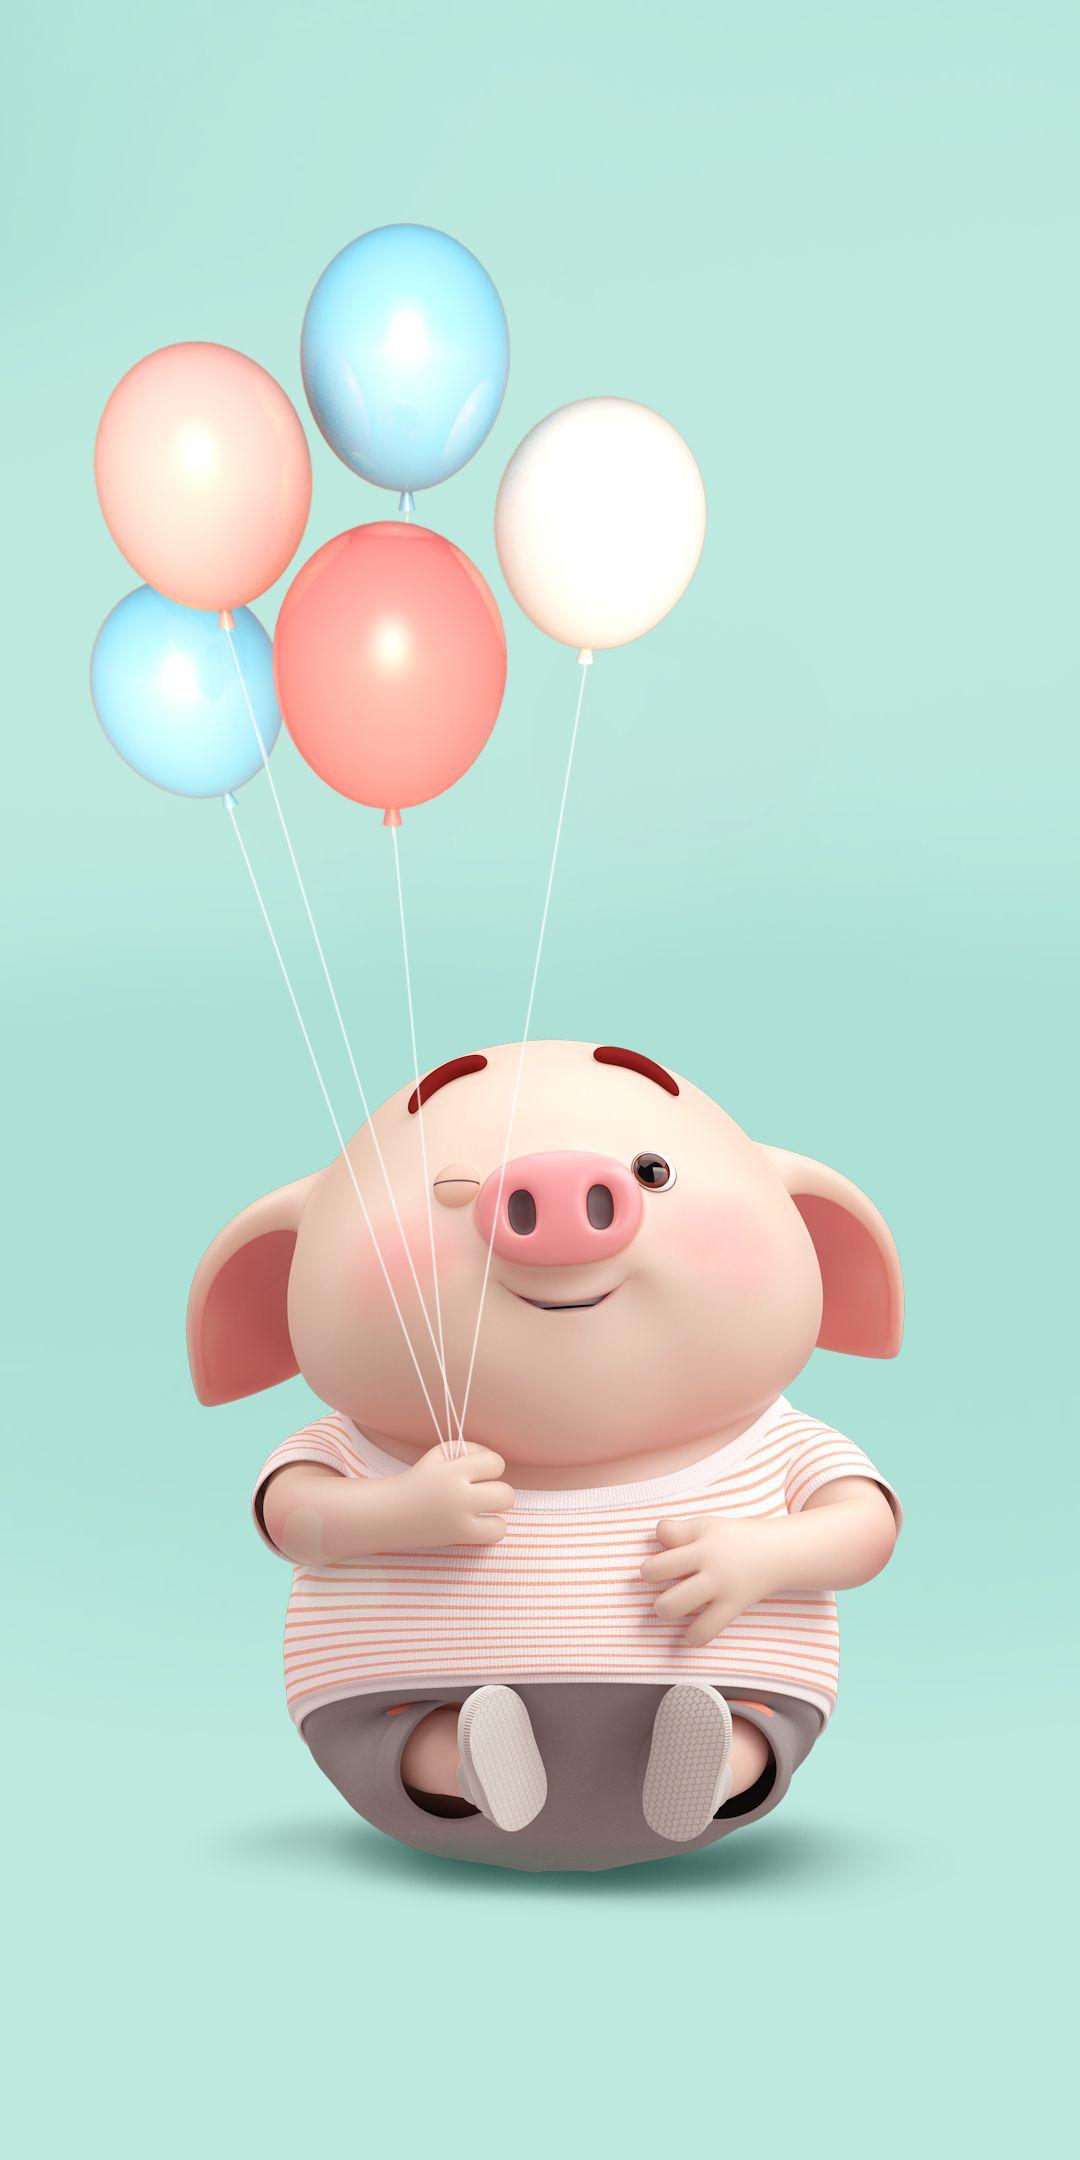 Pin De Panna Ii En Pig Cerditos Lechones Cerdos Animados